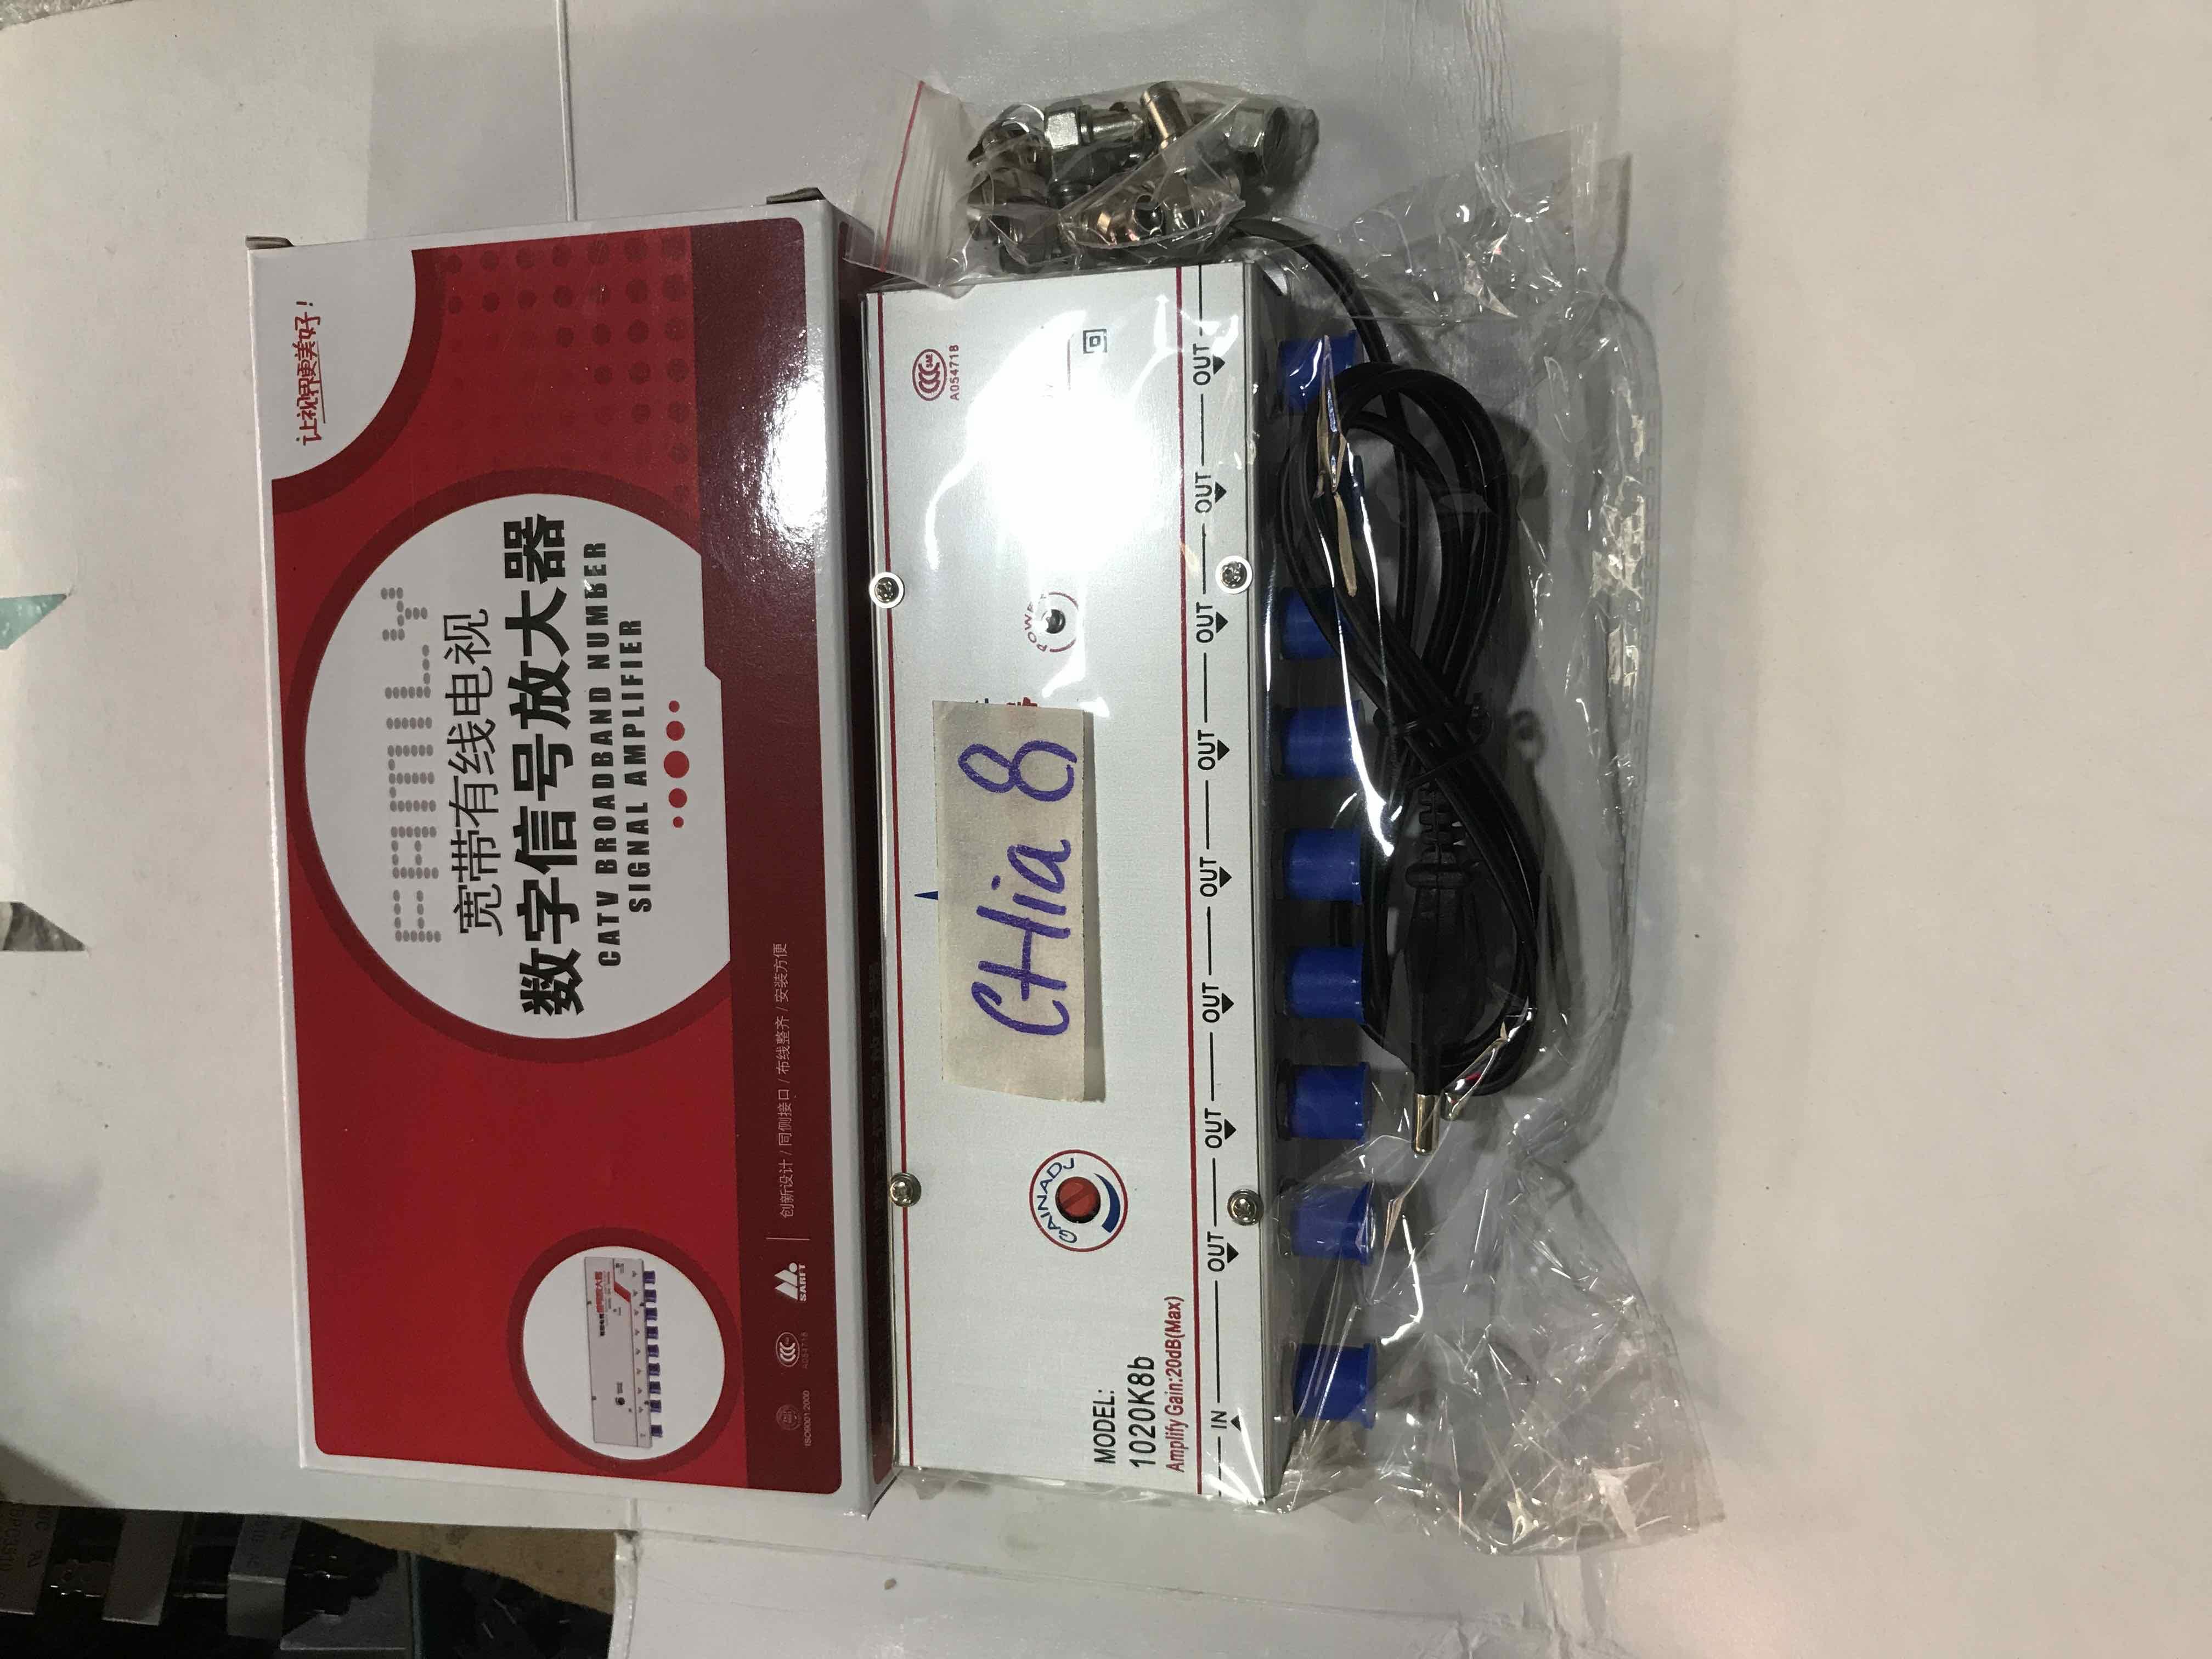 SIÊU RẺ] Bộ Chia 8 Tin Hiệu Khuyếch Đại Truyền Hình Cáp TiVi 1 Cổng Vào 7  Cổng Ra, Giá siêu rẻ 125,000đ! Mua liền tay! - SaleZone Store